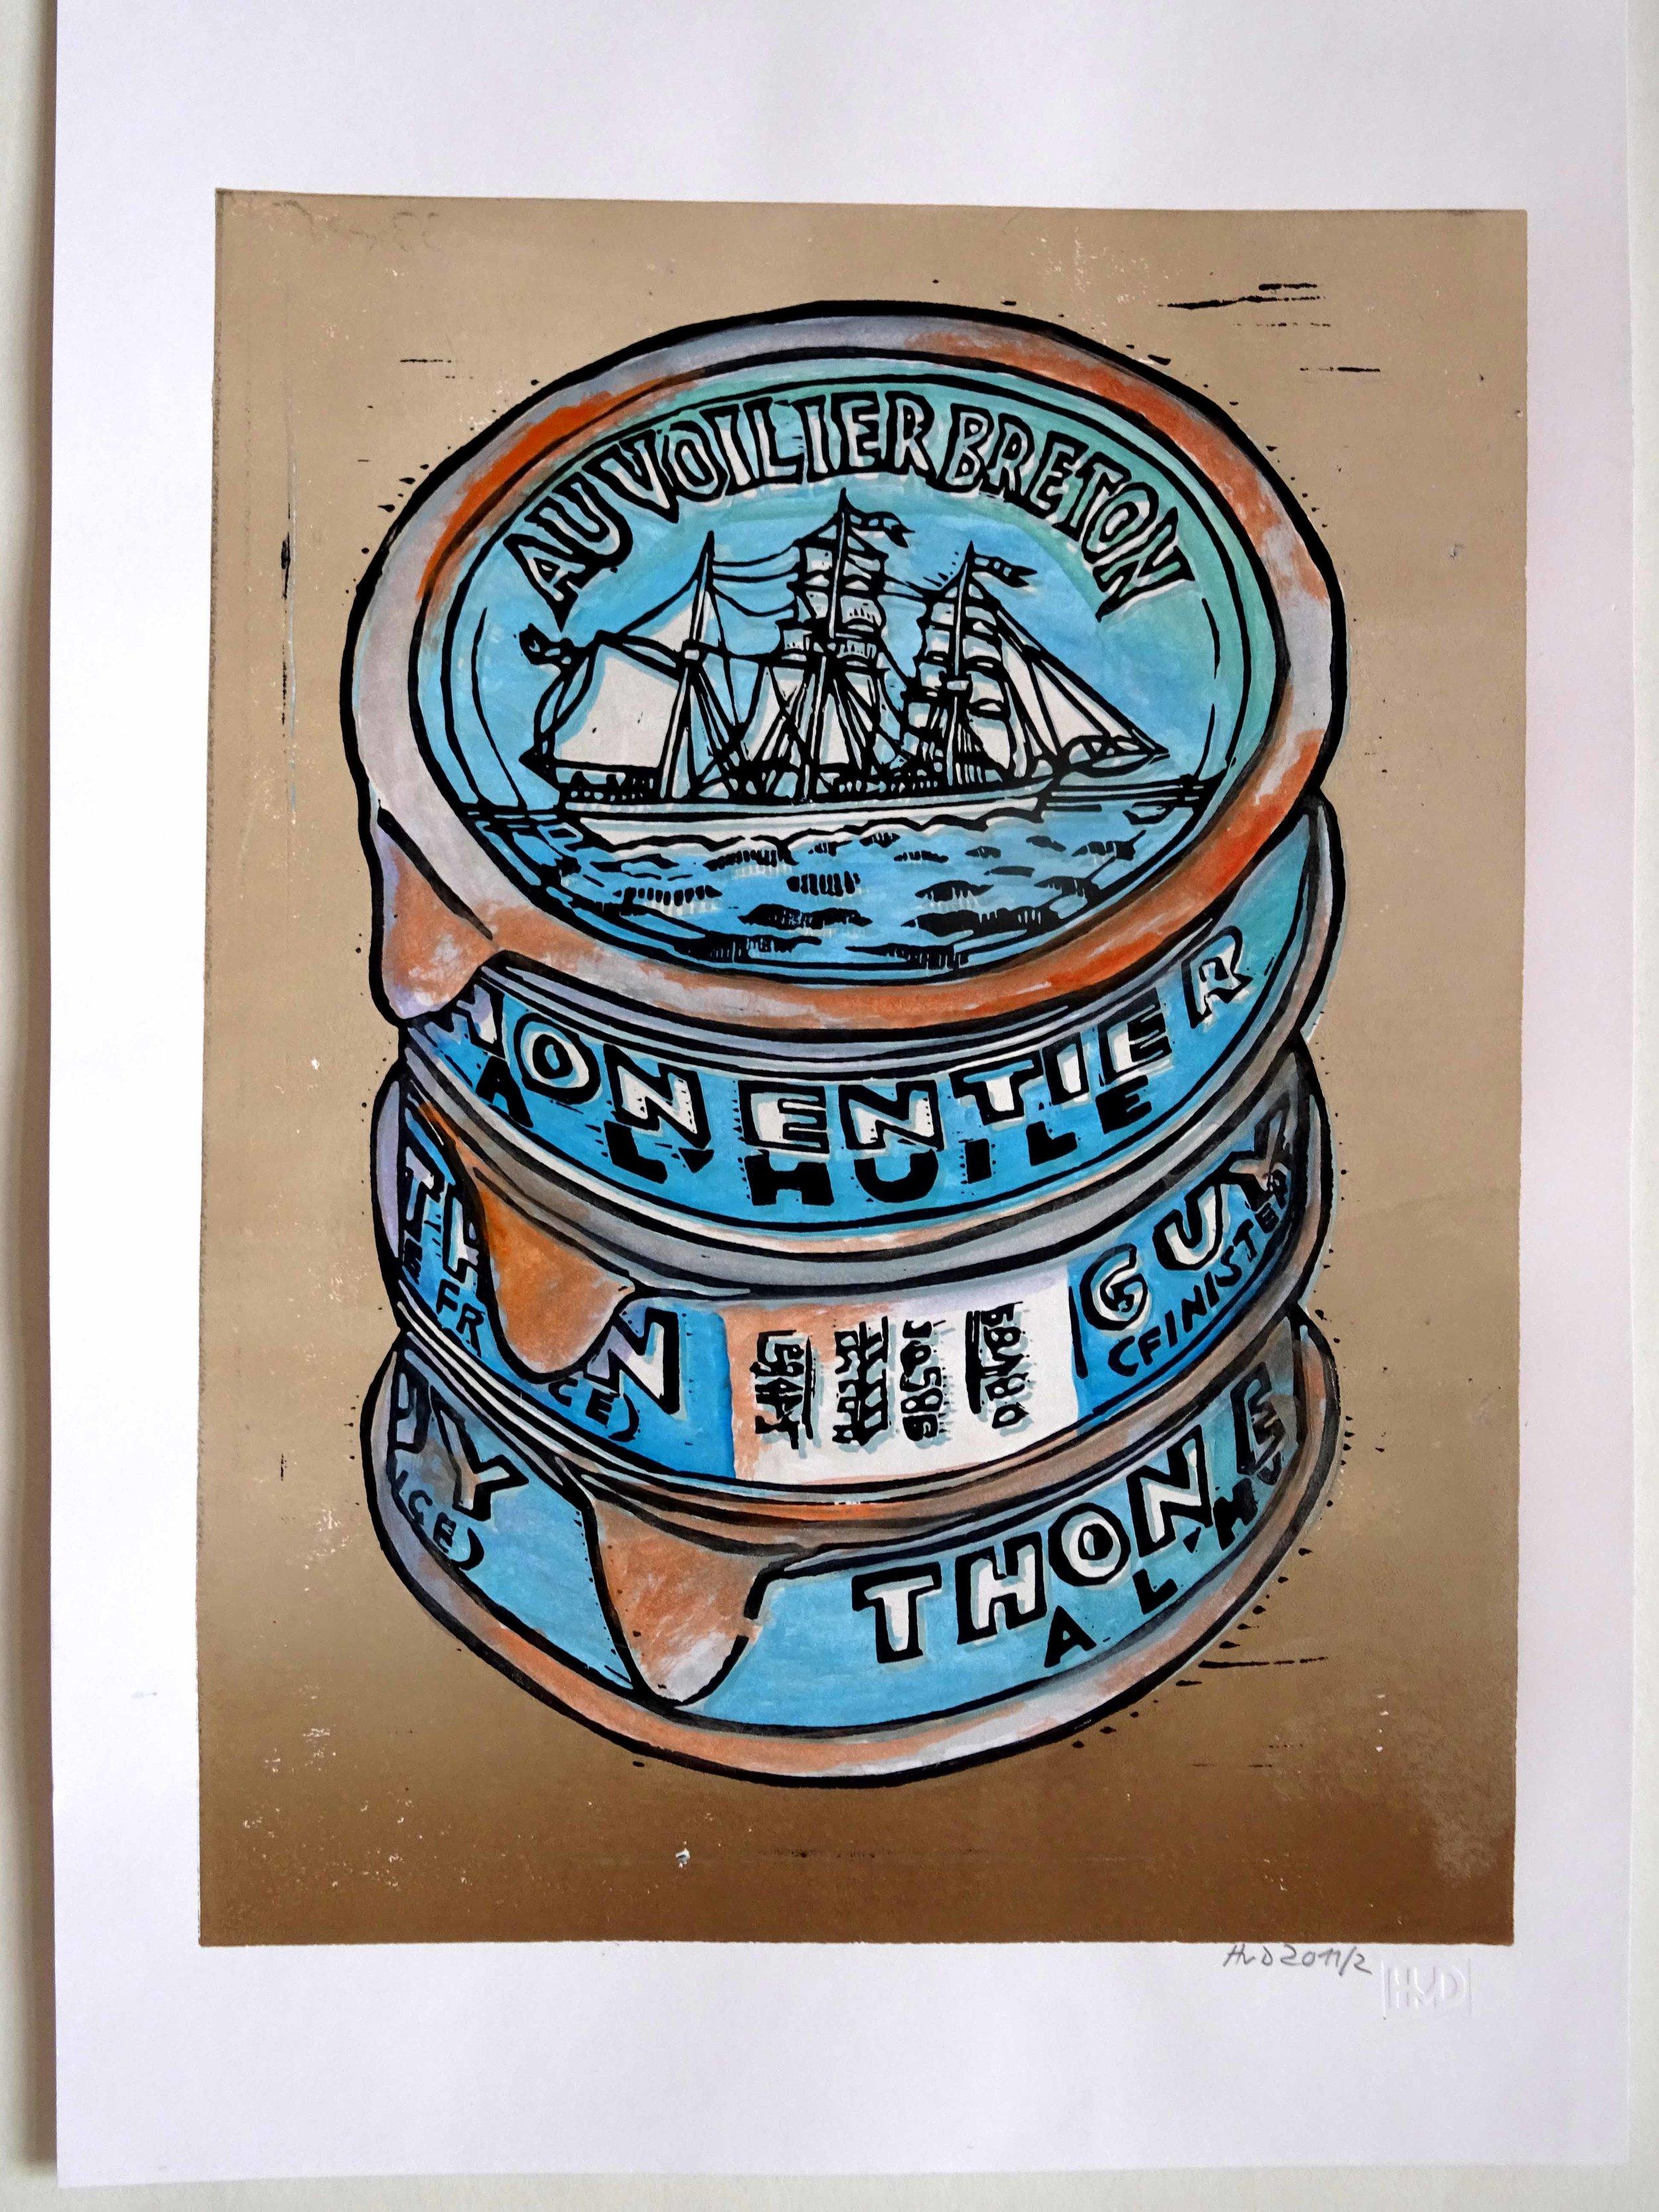 93 - Au voilier breton, coloured 2-plate lino 30x21 cm, 80 €